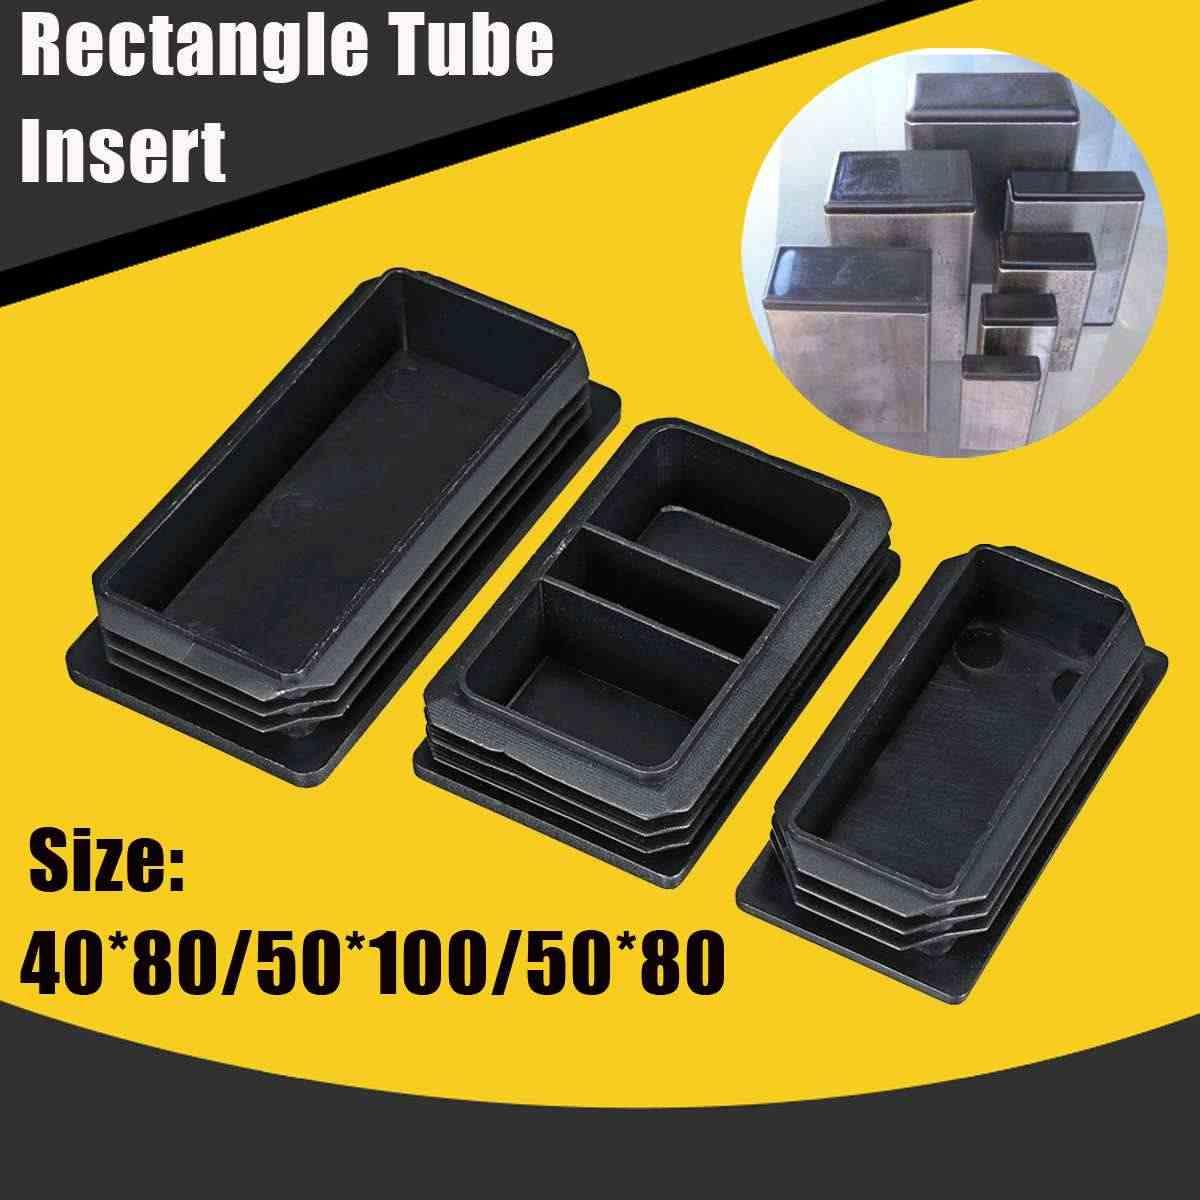 bouchon pour tube rectangulaire 50x20 mm noir plastique Capuchon Bouchons 5 pcs